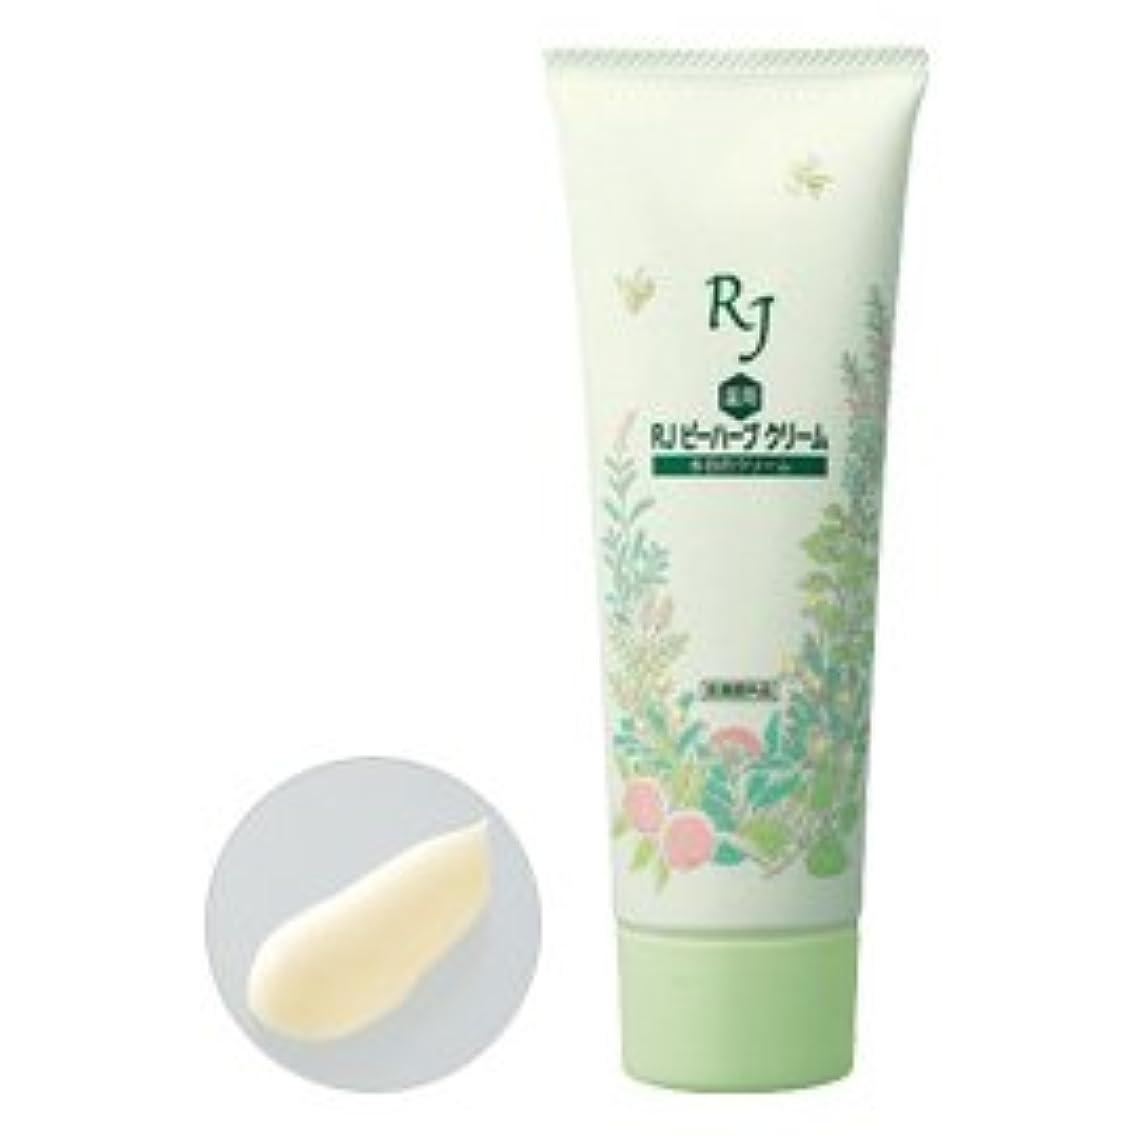 ランチ軽老人薬用 RJビーハーブクリーム〈全身用保湿クリーム〉 医薬部外品 120g /Medicated RJ Bee Herb Cream<120g>